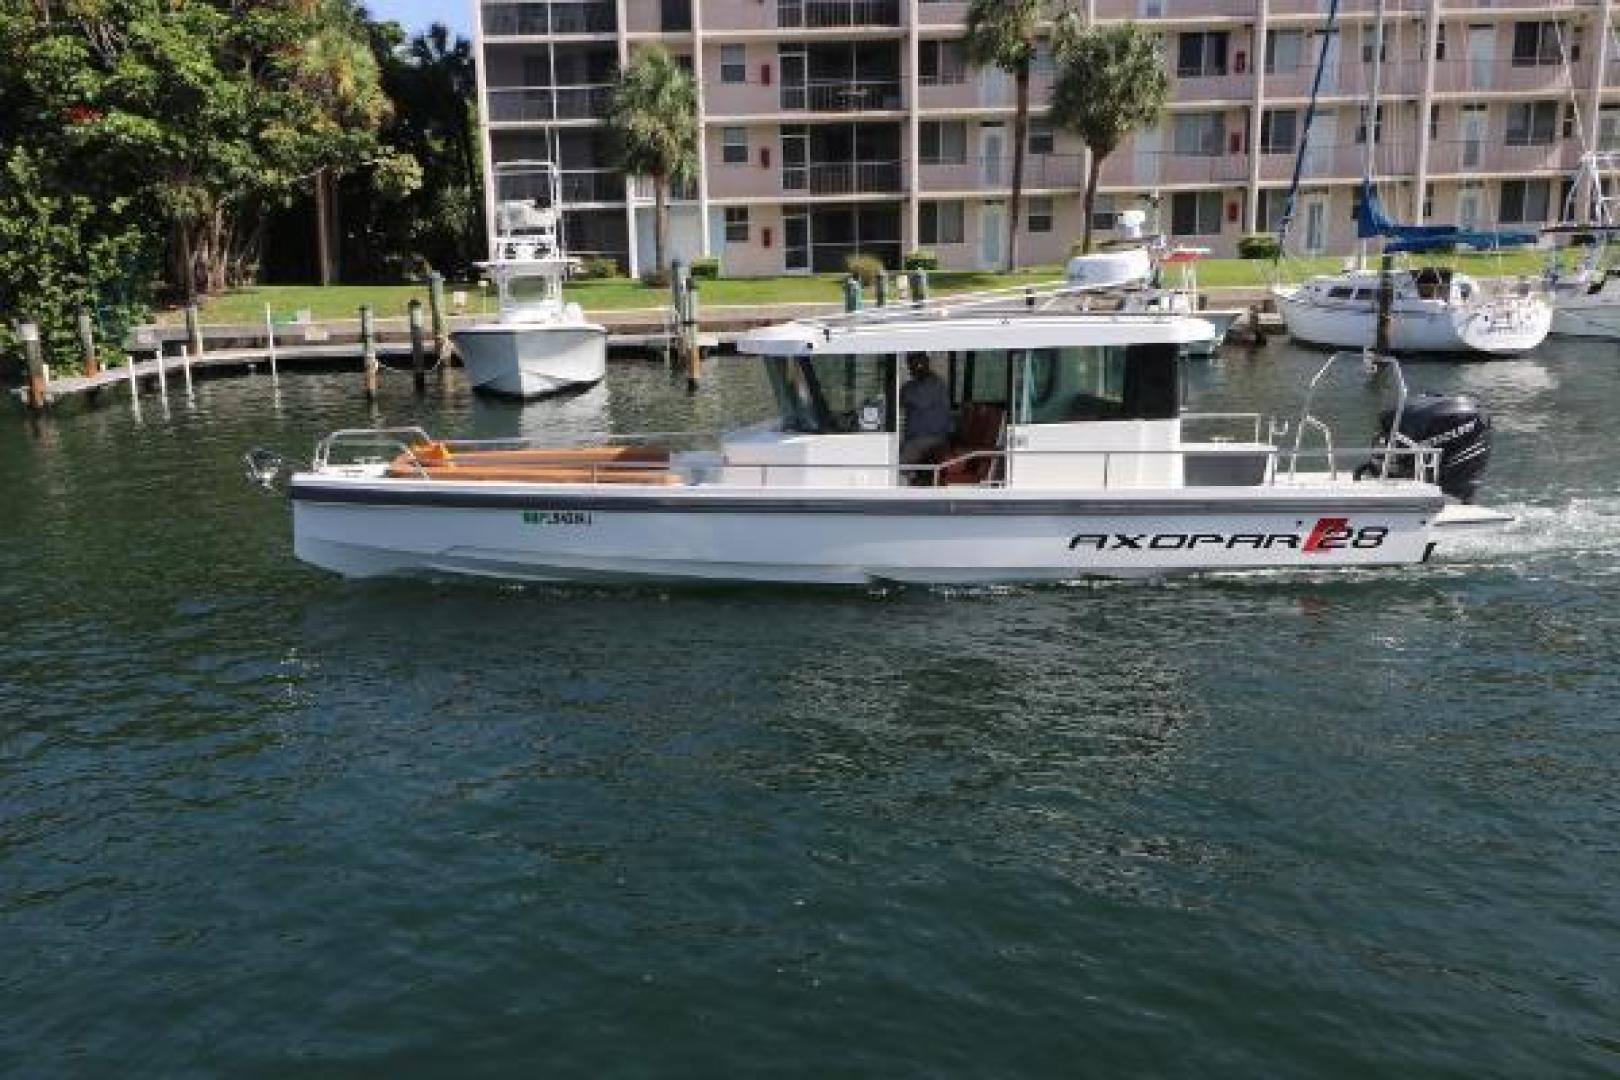 Axopar-28 CABIN 2017-Axopar 28 CABIN Palm Beach-Florida-United States-1531622 | Thumbnail